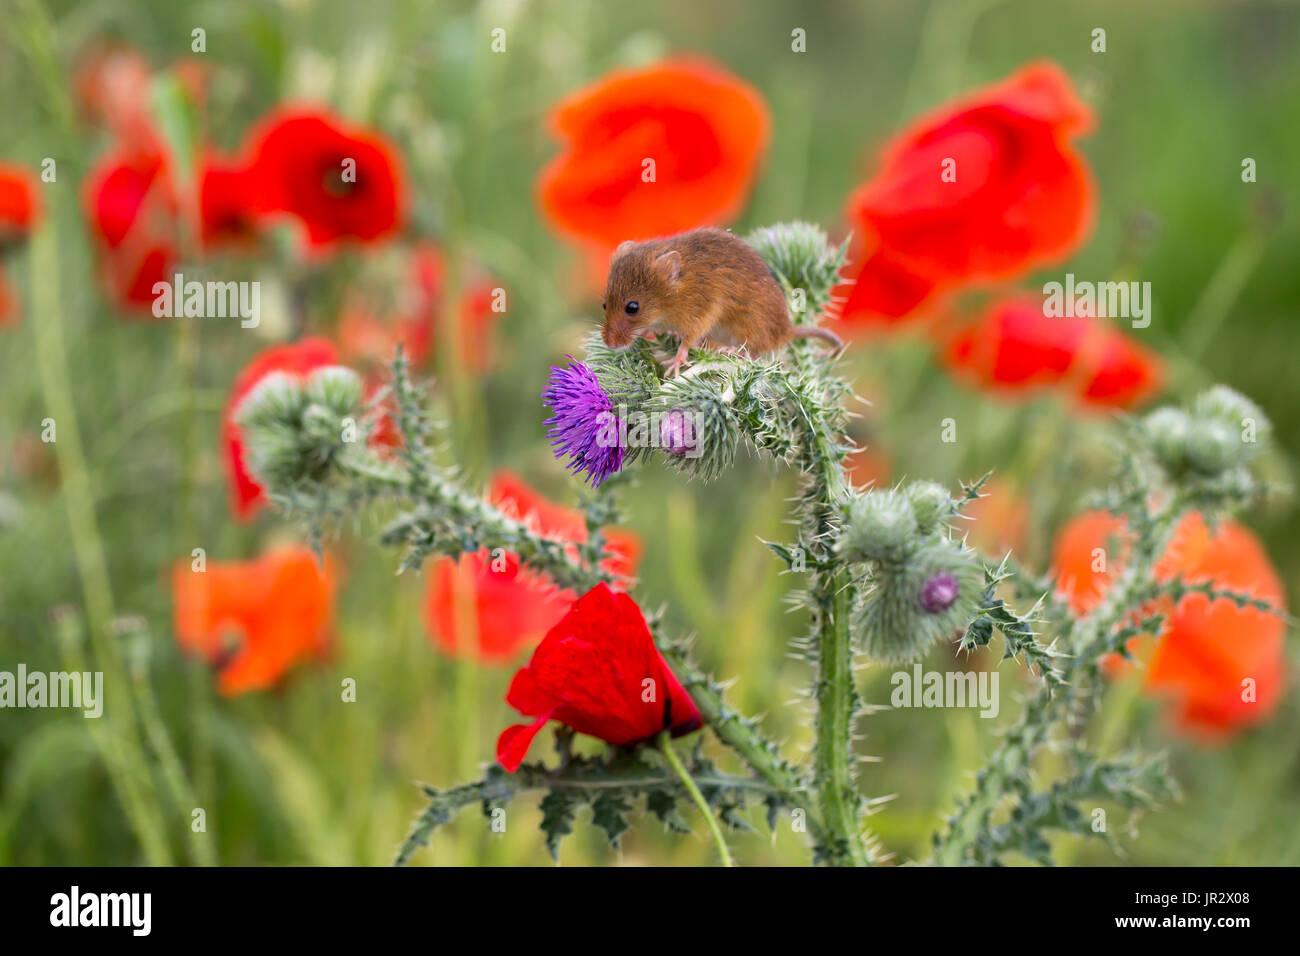 Maus zwischen wilden Blumen zu ernten, im Sommer - GB Stockfoto ...